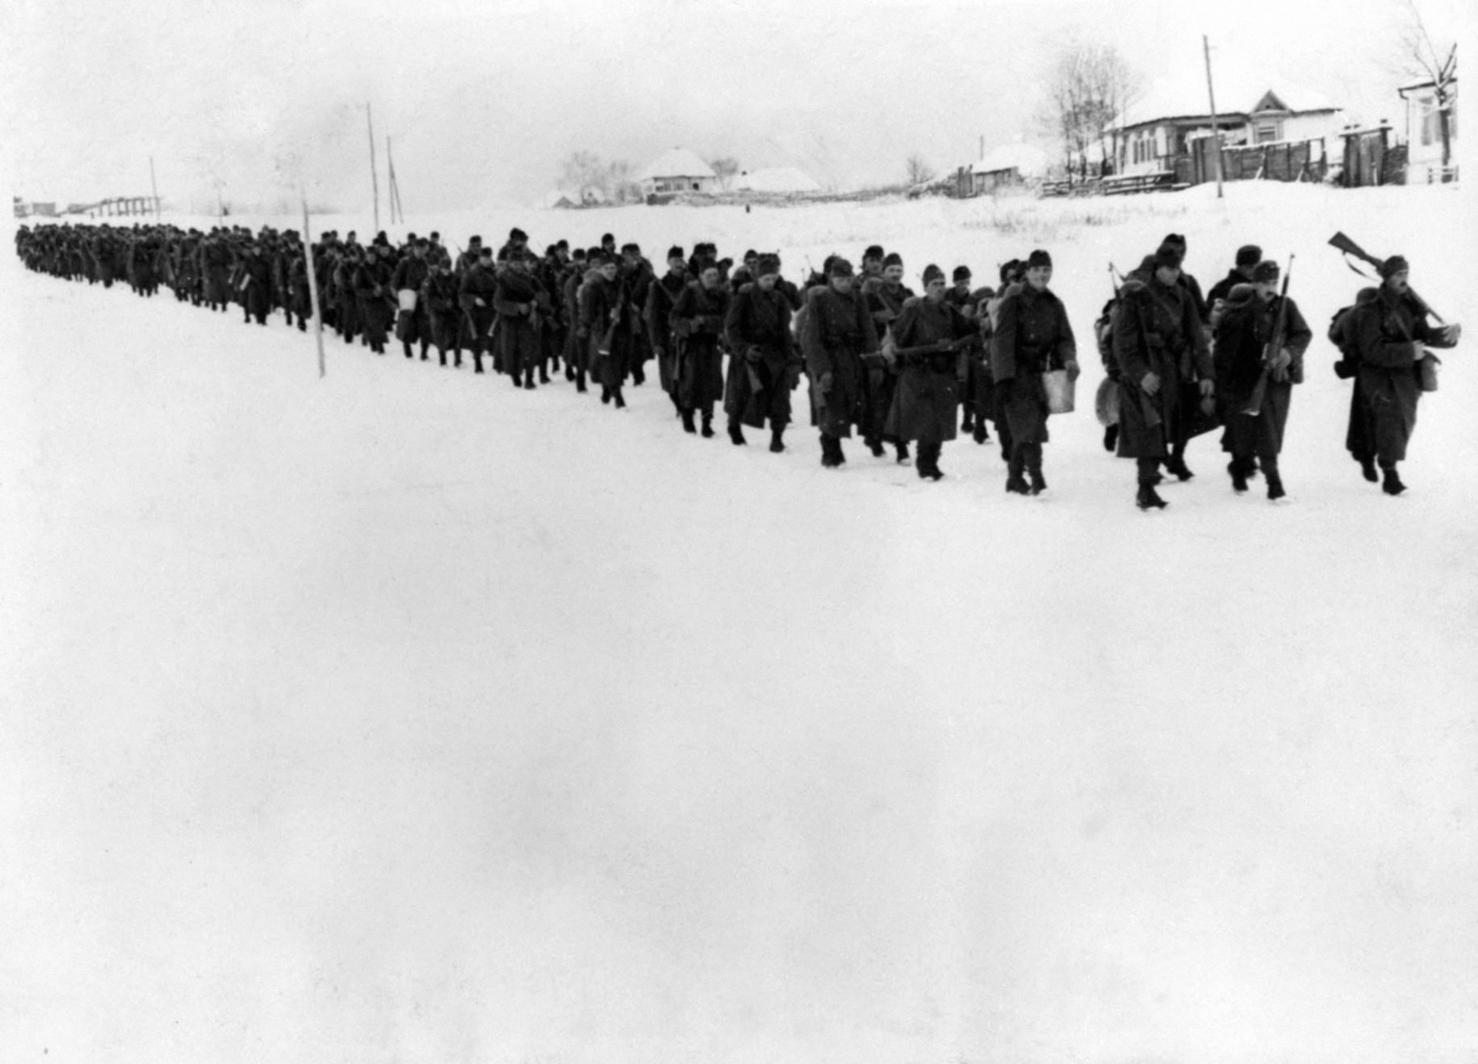 Szovjetunió, 1942. A 2. magyar hadsereg gyalogos alakulata a Don-kanyarban. Az eredeti felvétel készítésének pontos dátuma és helyszíne ismeretlen. MTI Fotó: Reprodukció